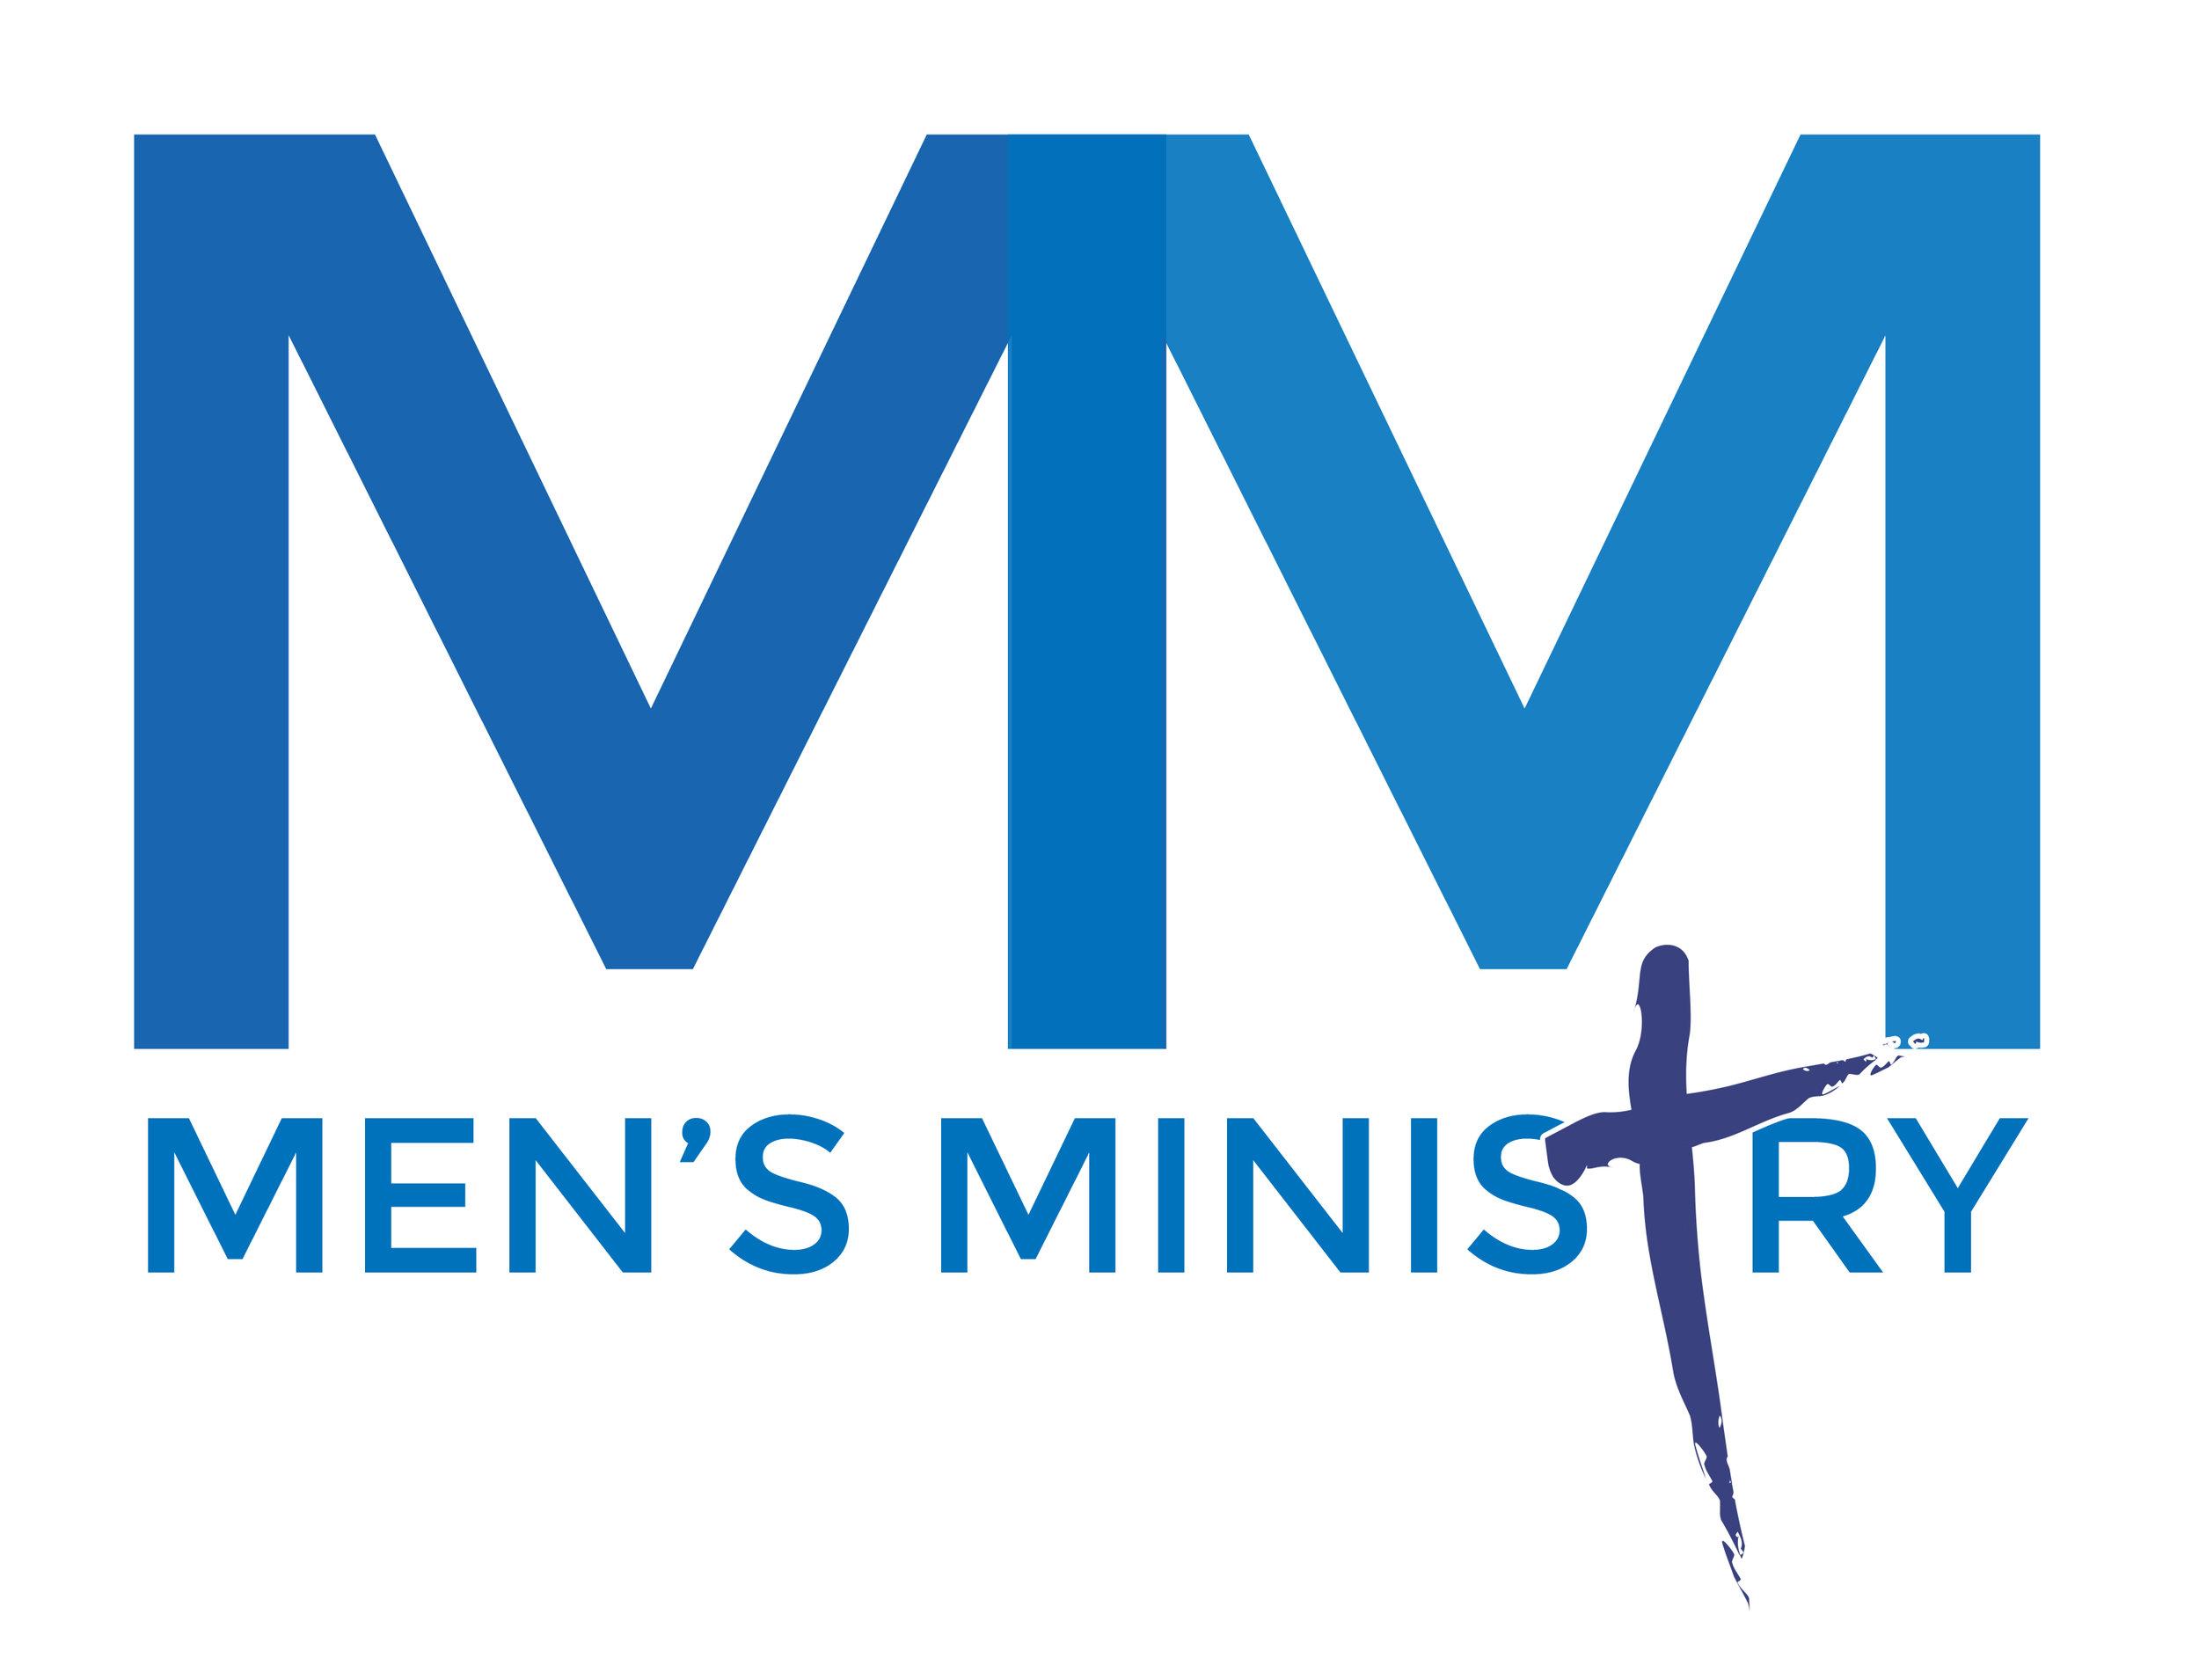 LOGO_Men's Ministry_option.jpg